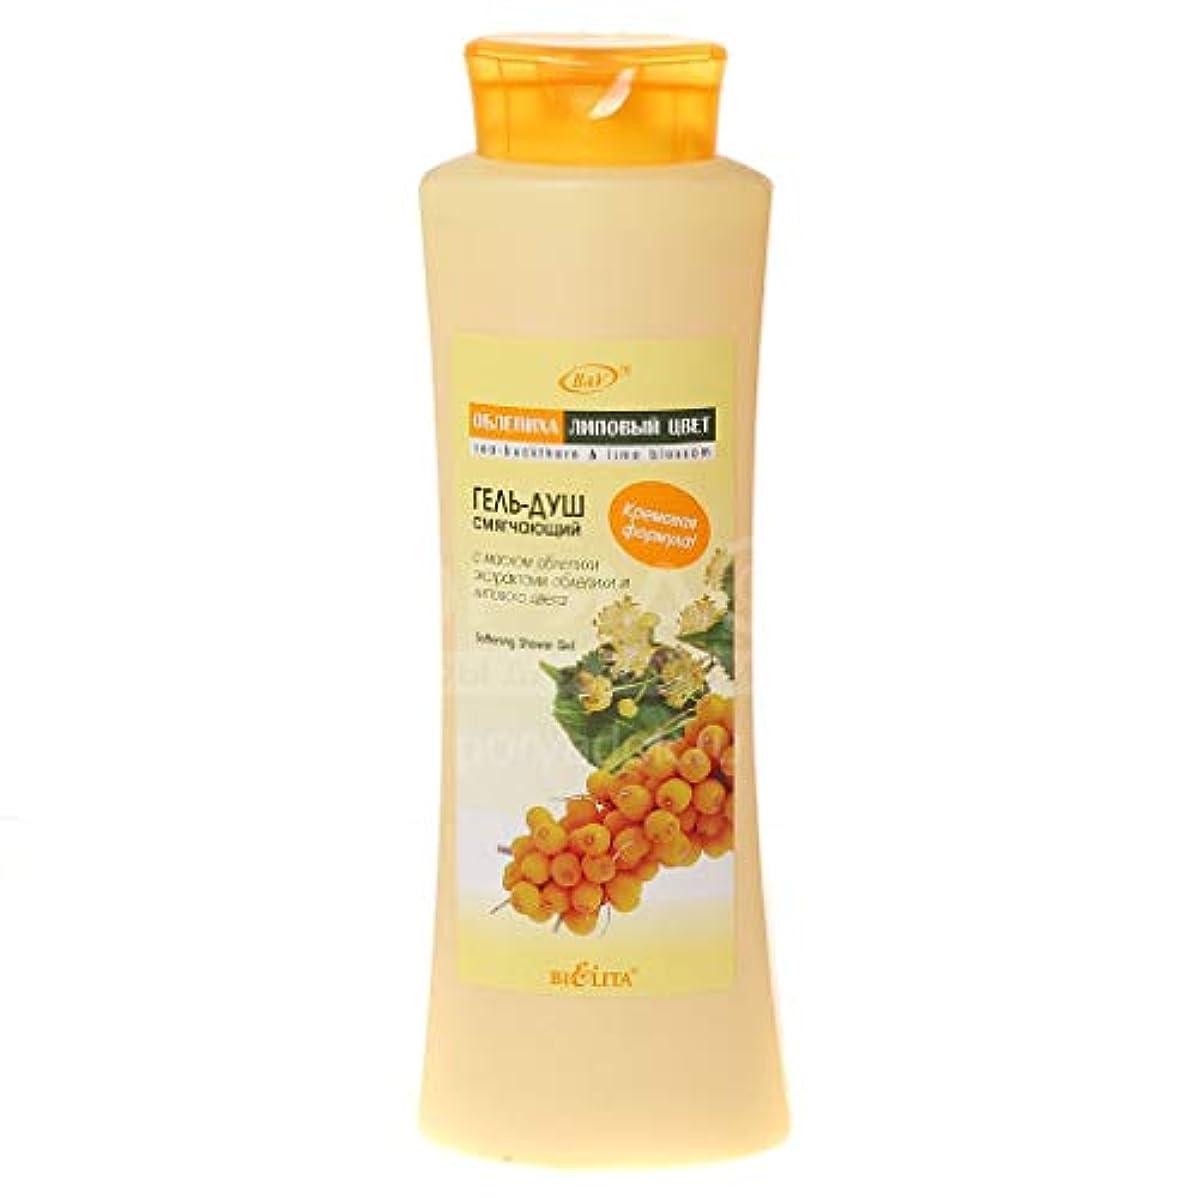 うん薬理学メディックBielita & Vitex Sea-Buckthorn Line | Shower Gel for Body Wash & Care, 500 ml | Sea-Buckthorn Oil, Lime Blossom...